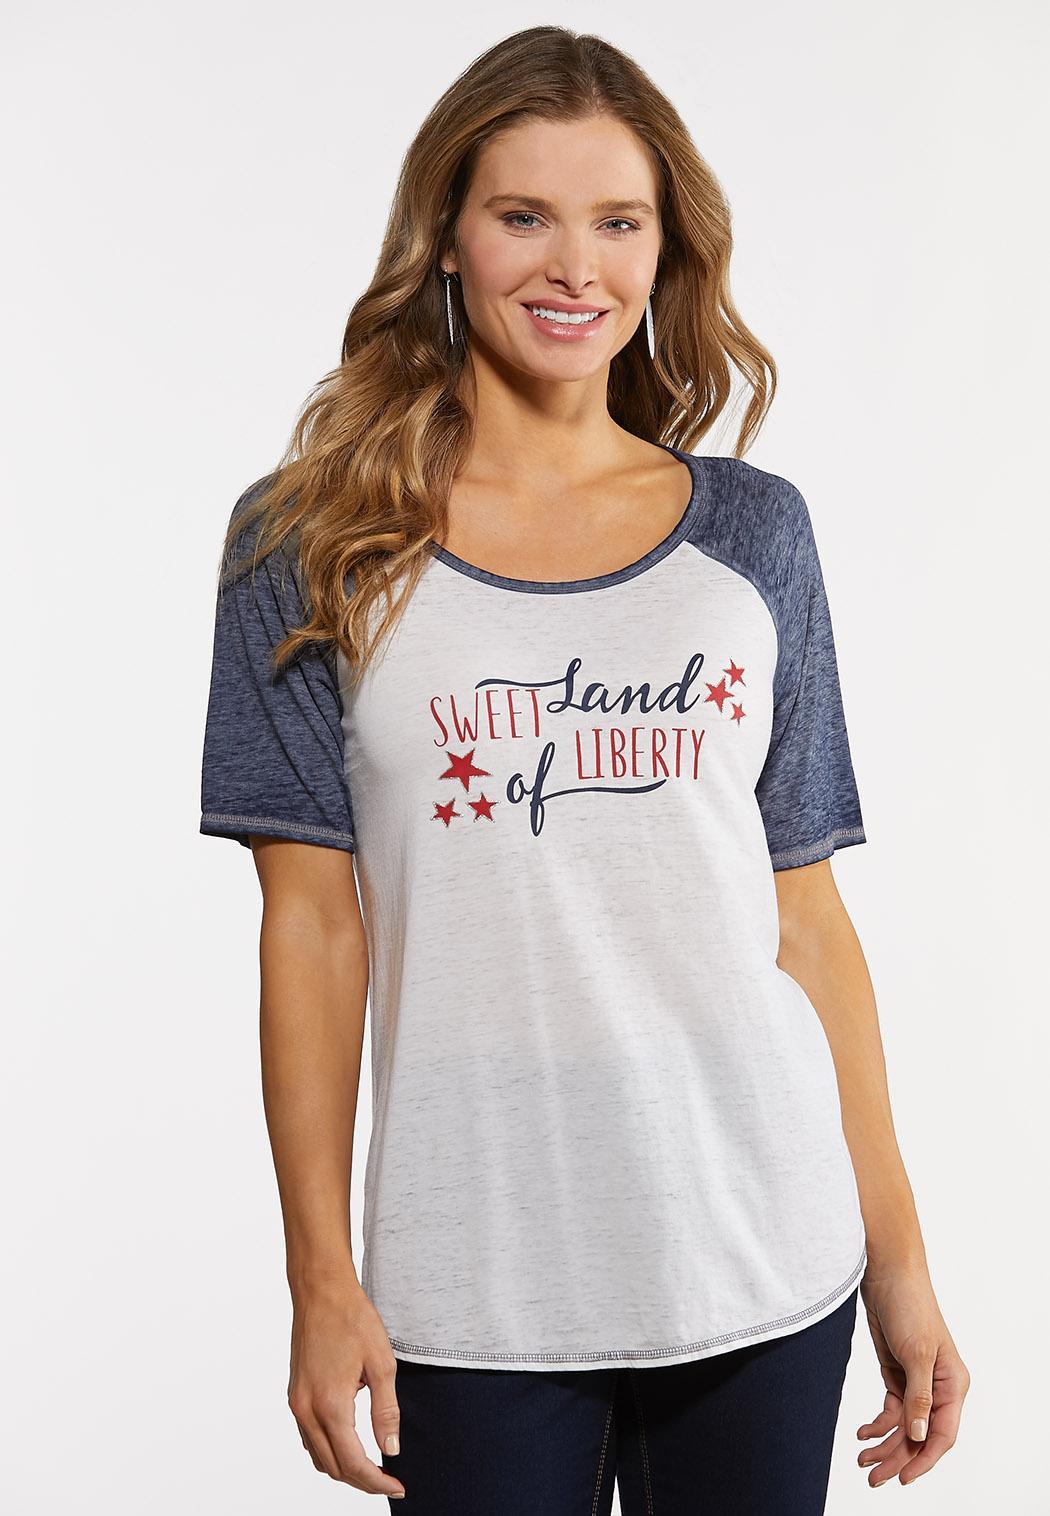 Sweet Land Of Liberty Tee